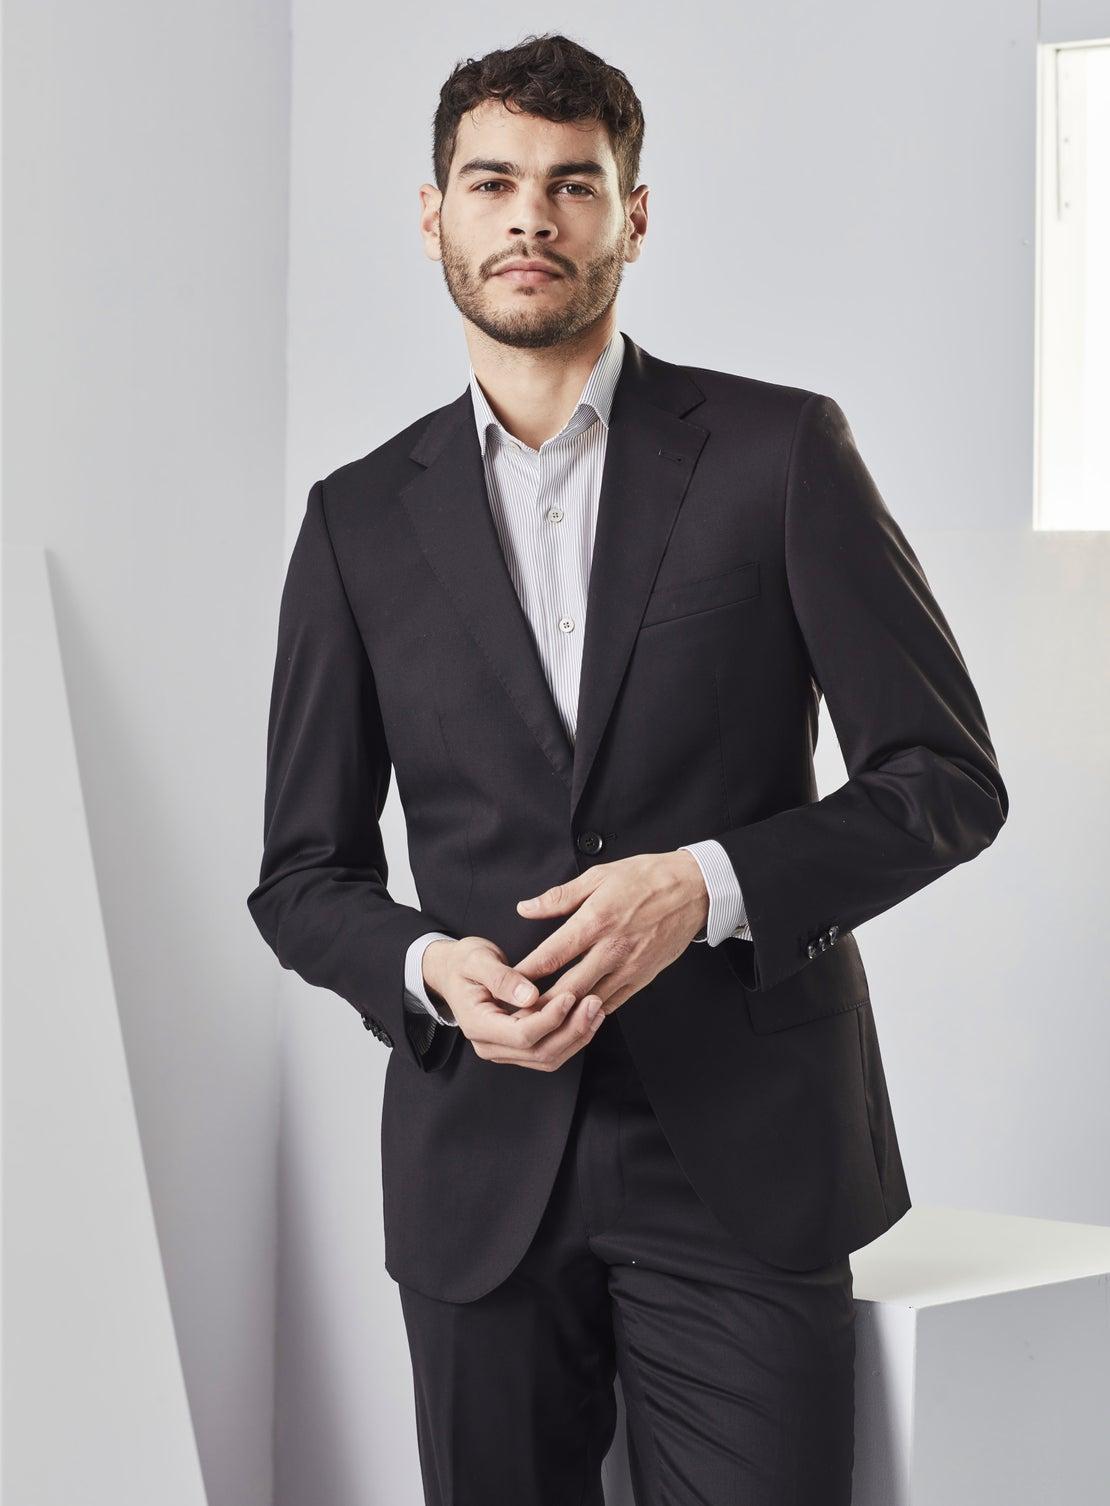 Thom Plain Black Suit